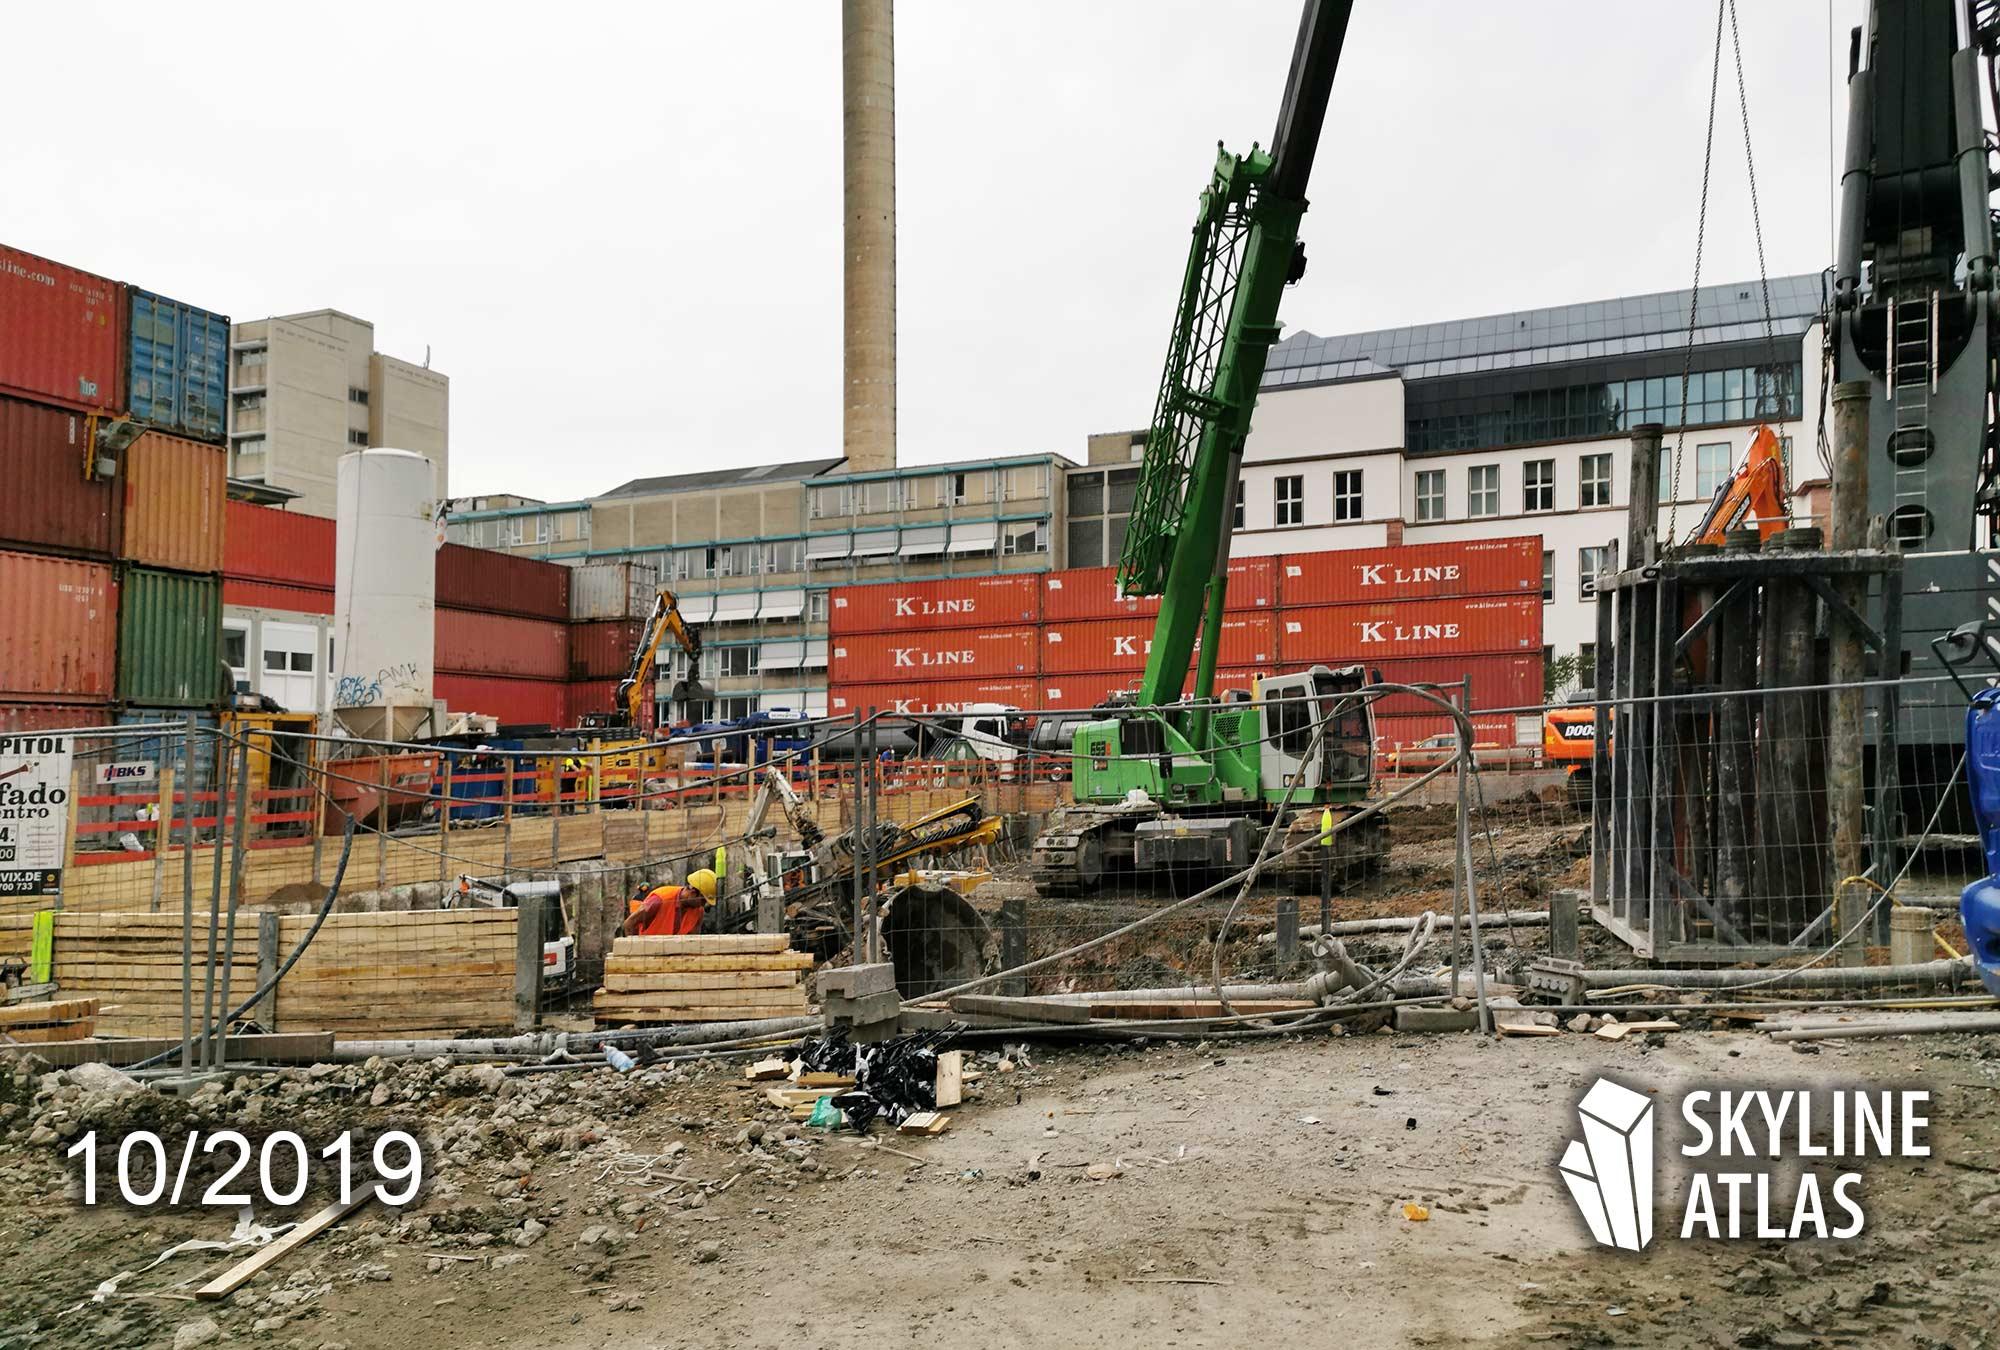 Ninty Nine West in Frankfurt am Main - Hochhaus 99 West - Baustelle Bürohochhaus - Oktober 2019